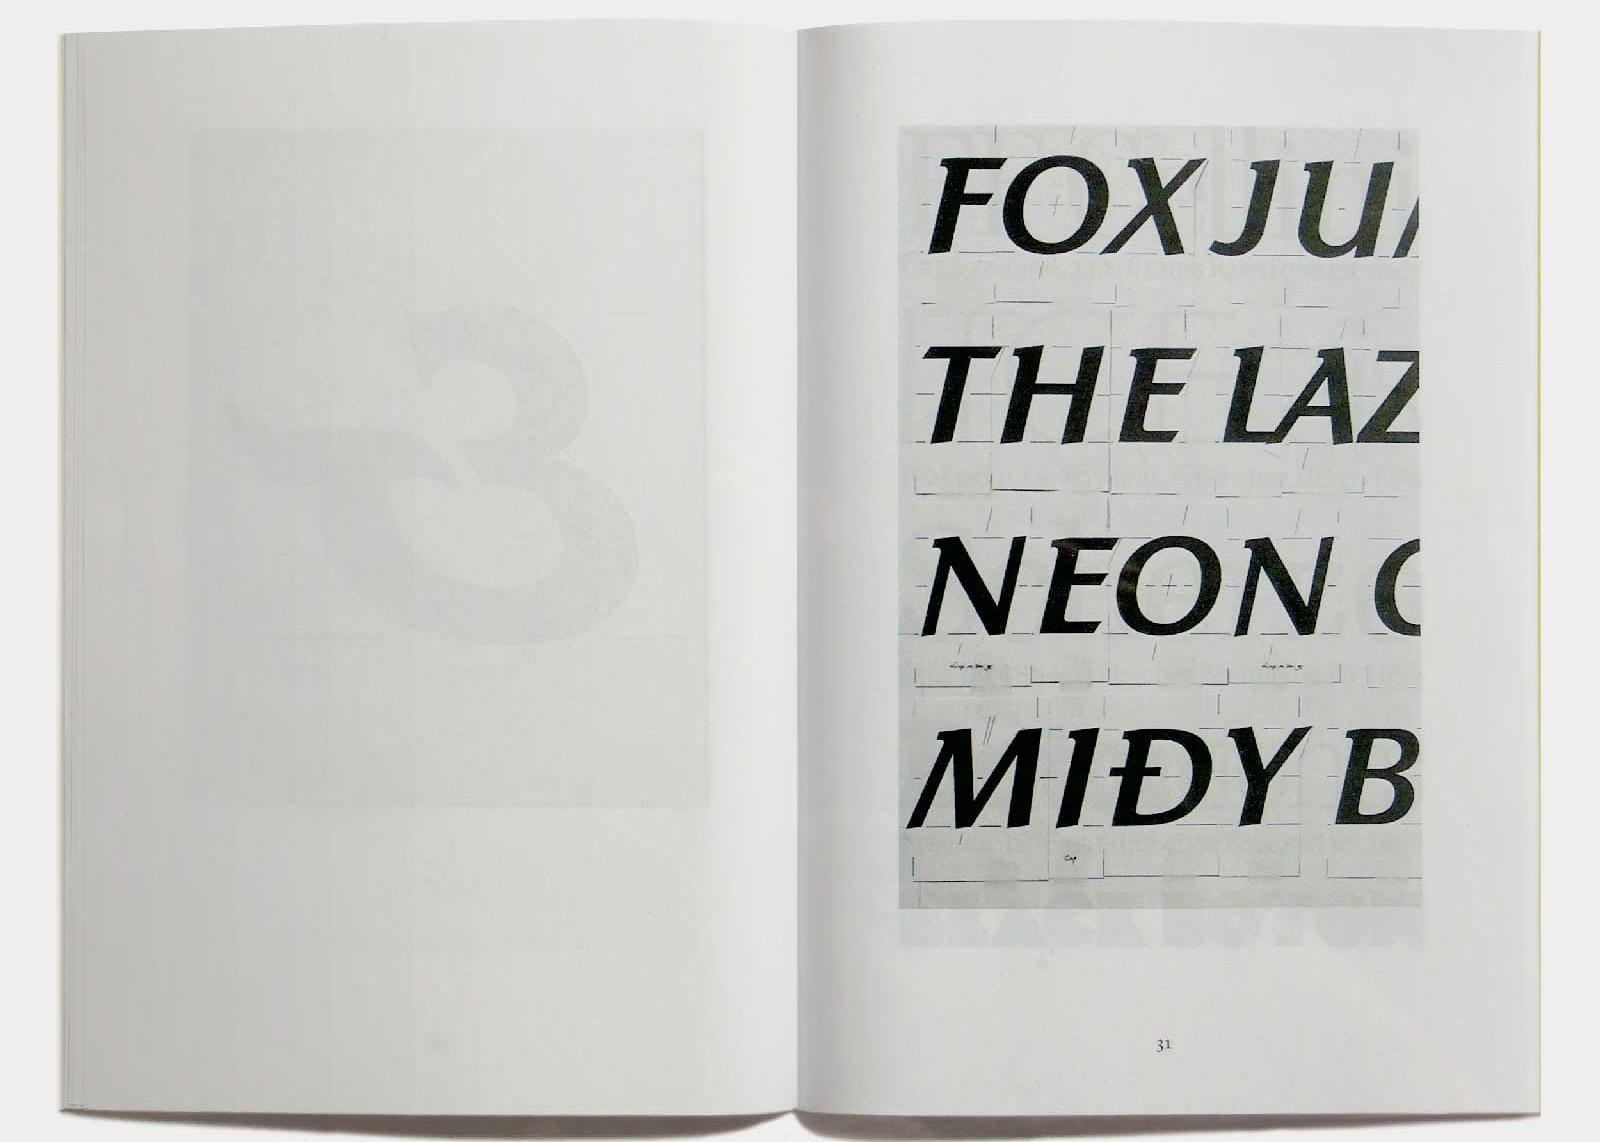 Page 31 — Caractère Linex New (1994, inédit), réglage des approches, montage papier.